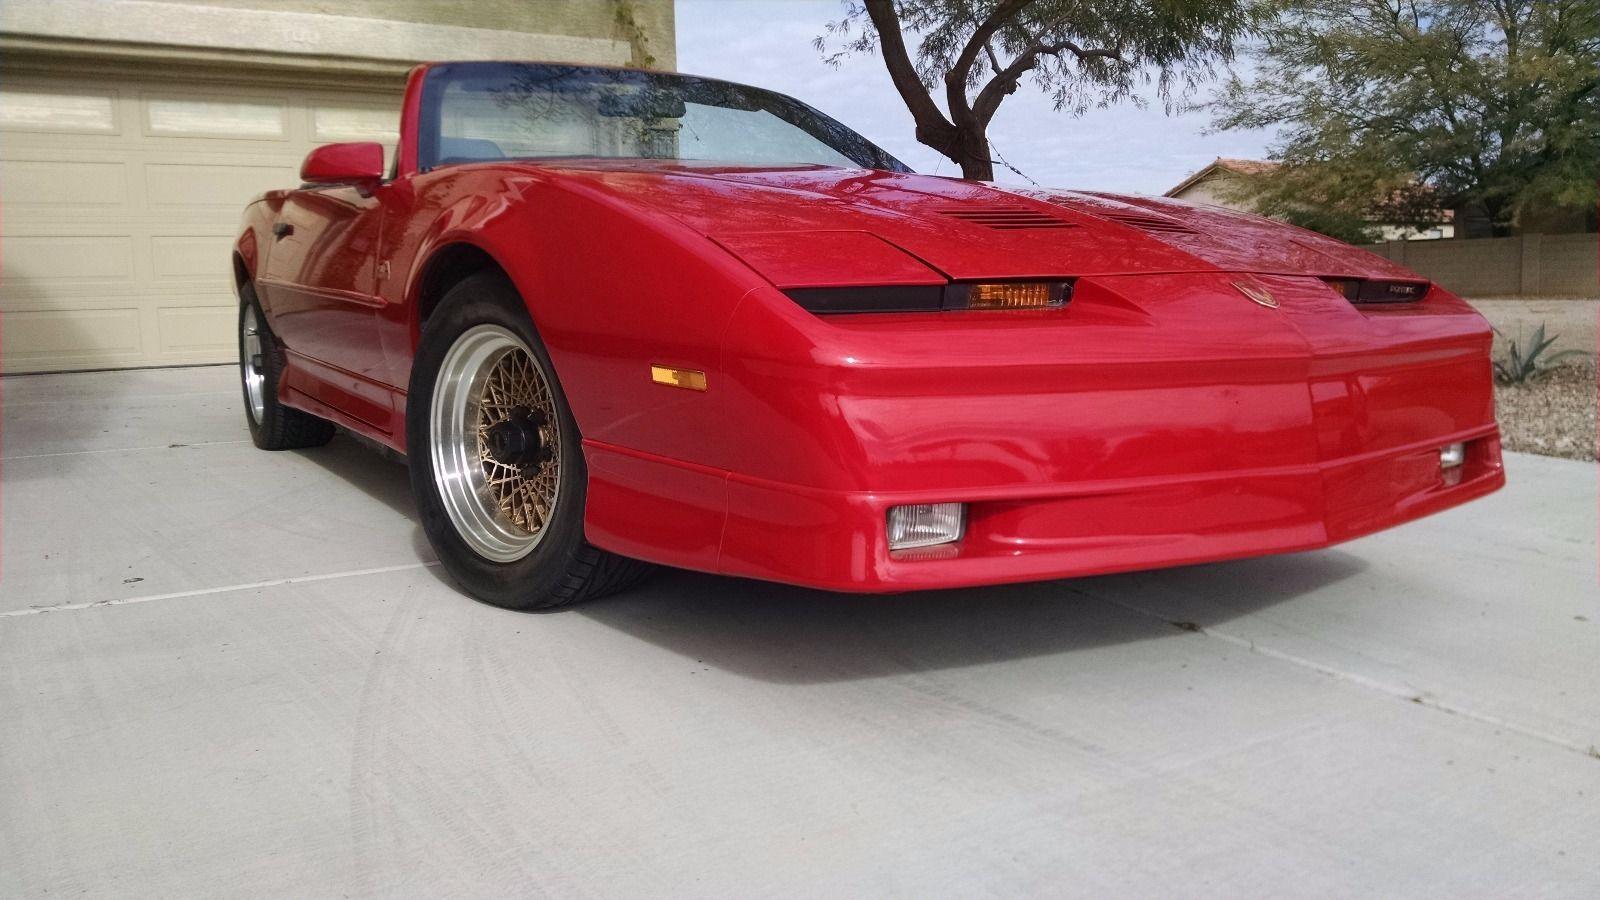 Pontiac Firebird Trans Am Convertible For Sale In Houston: 1989 Pontiac Trans Am GTA Convertible For Sale